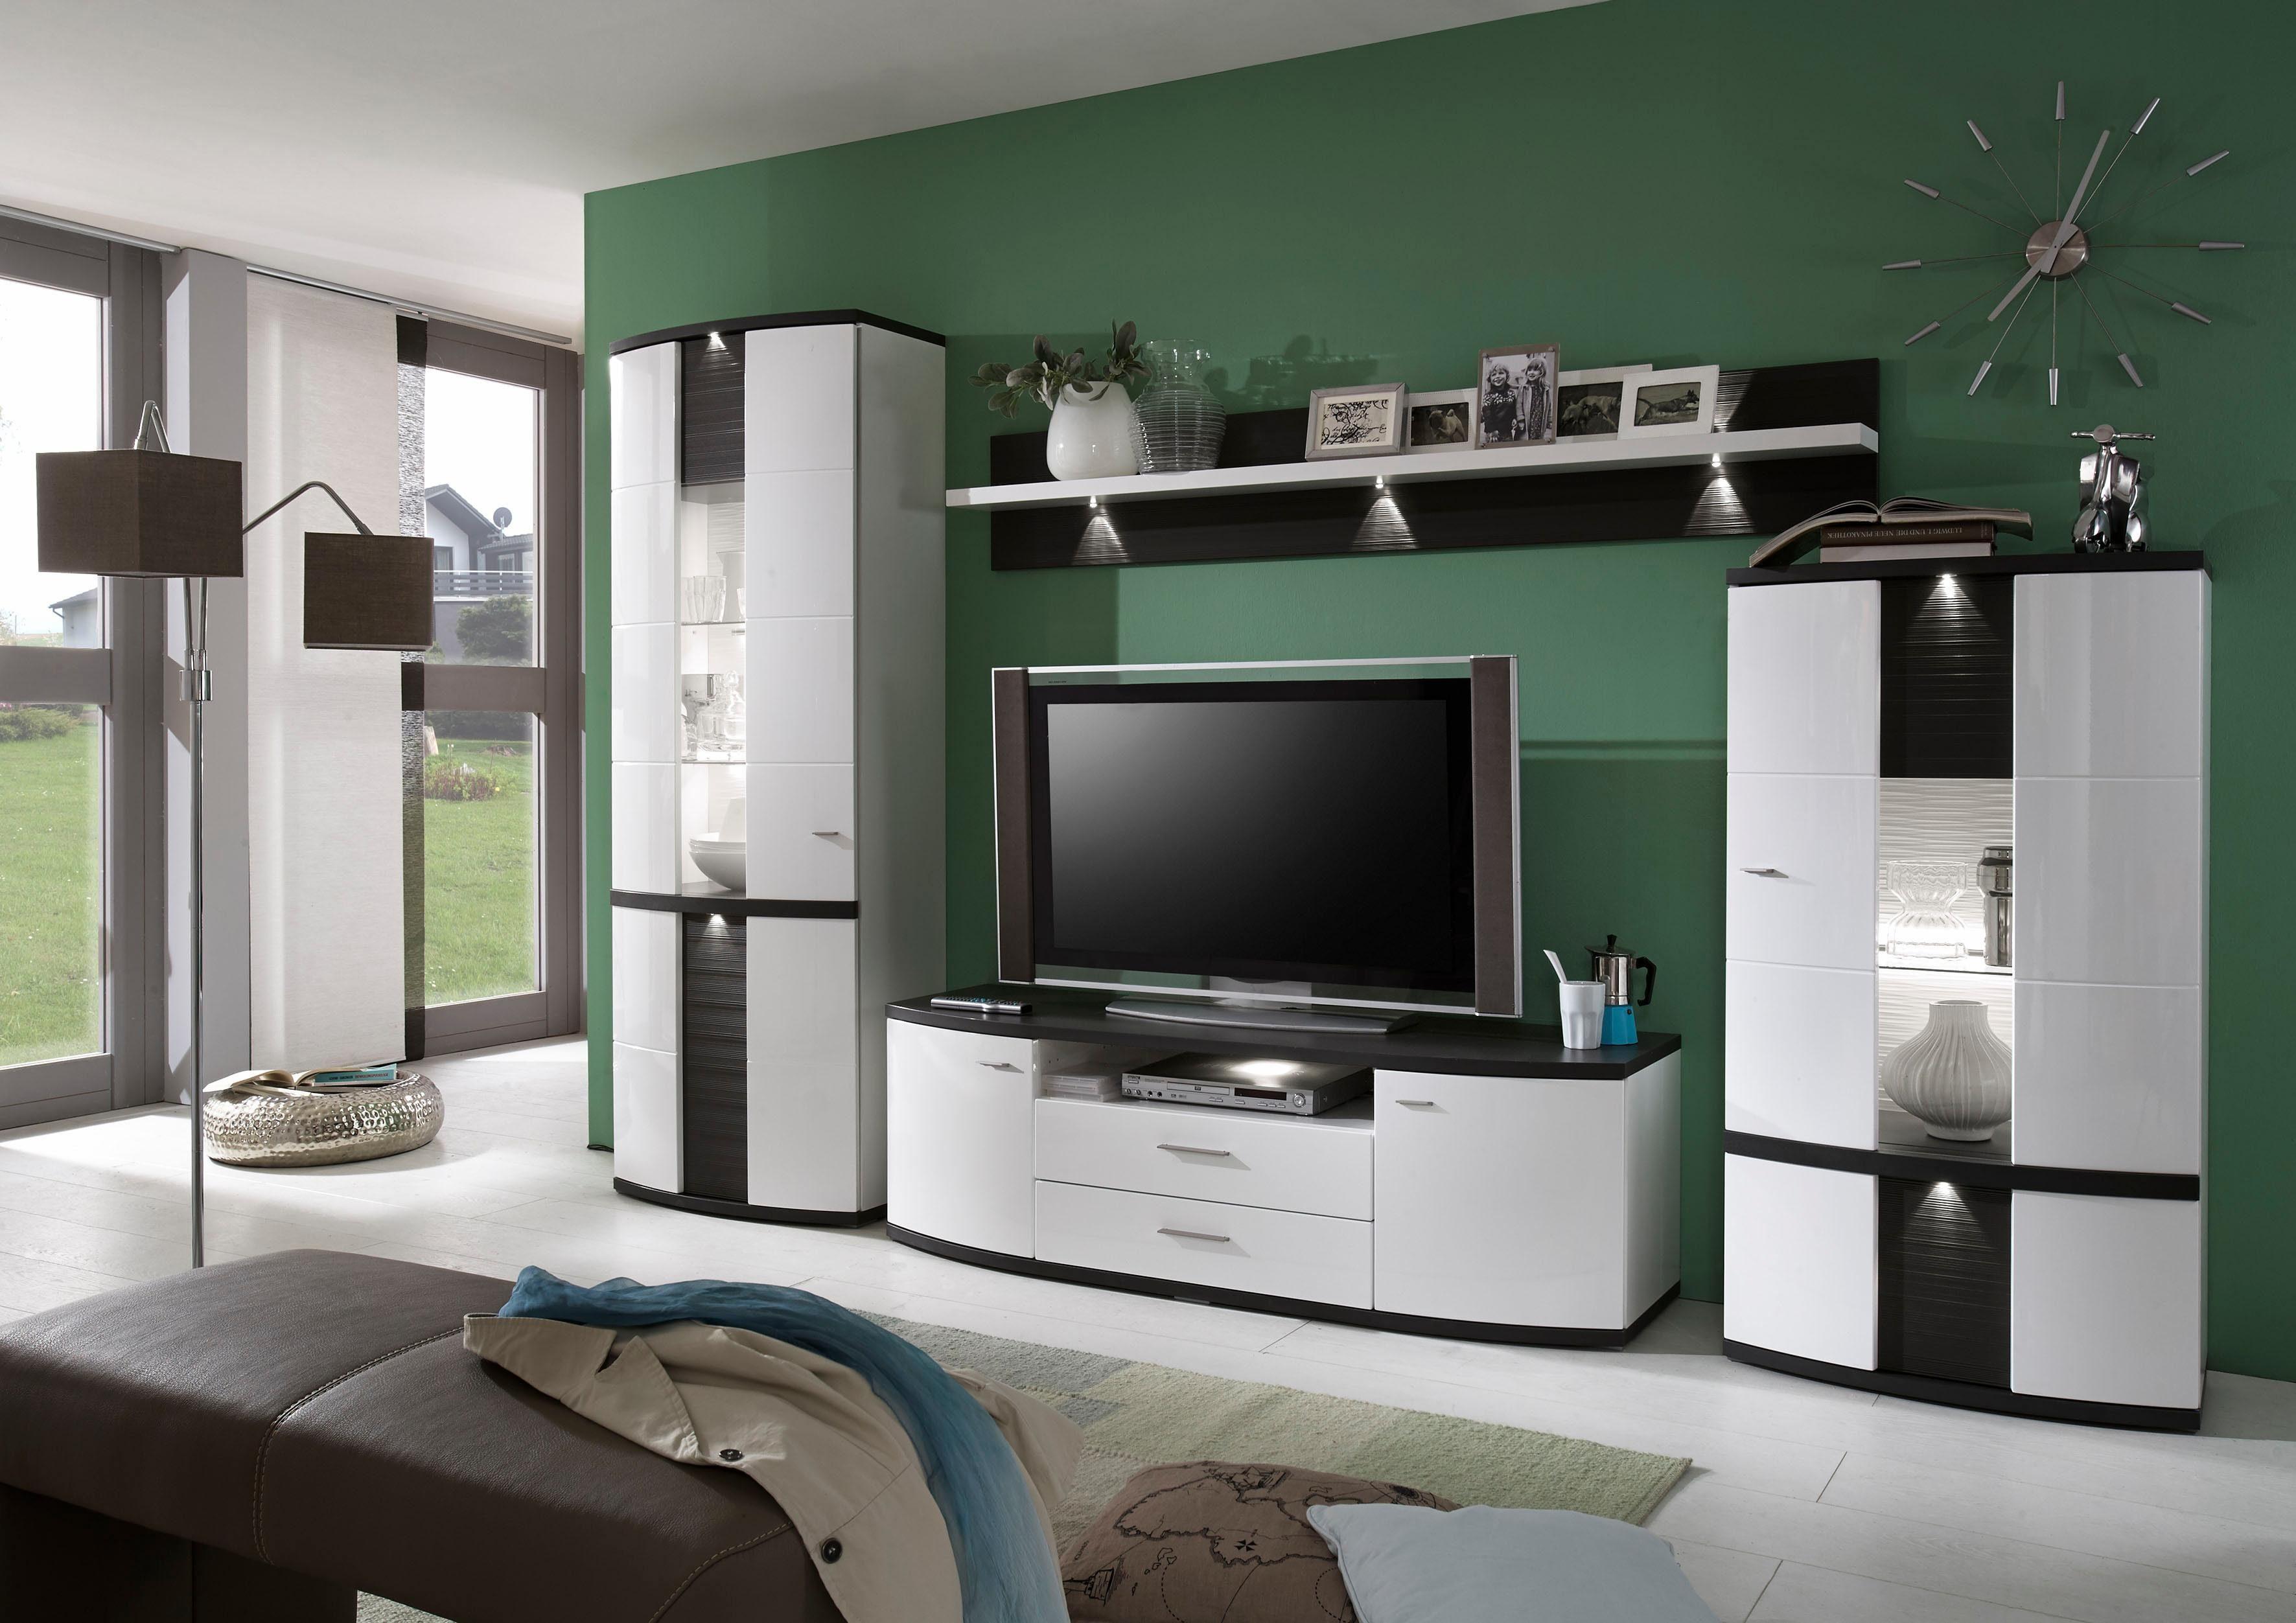 Design Wohnwande Style : Moderne wohnwand style finden sie ihre wohnung dekor stil